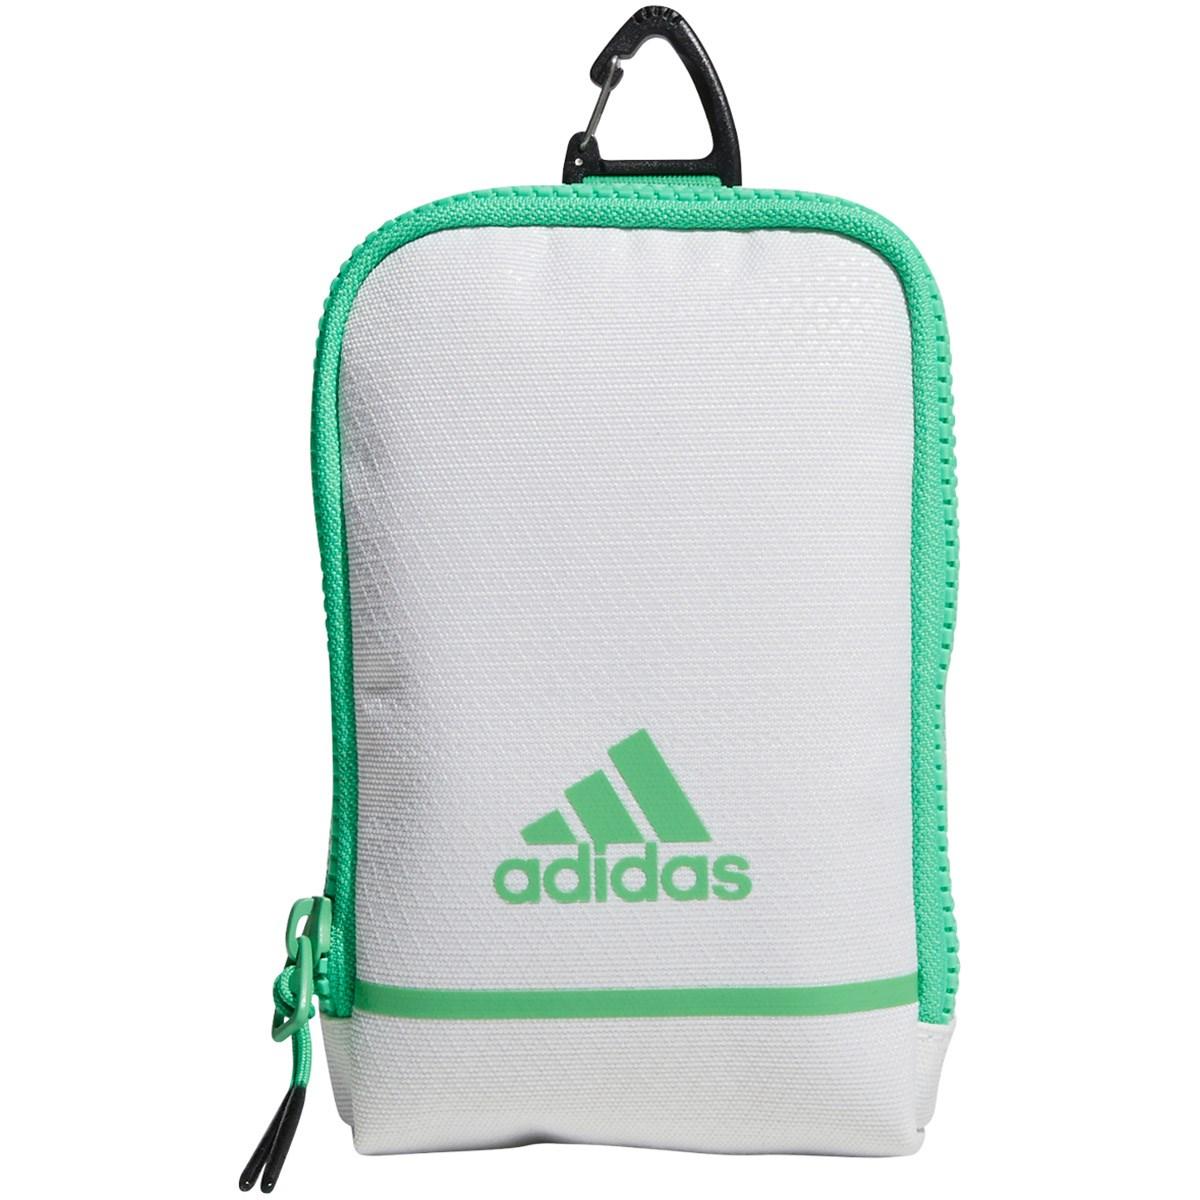 [2021年モデル] アディダス adidas アクセサリーポーチ ホワイト/セミスクリーミンググリーン メンズ ゴルフ